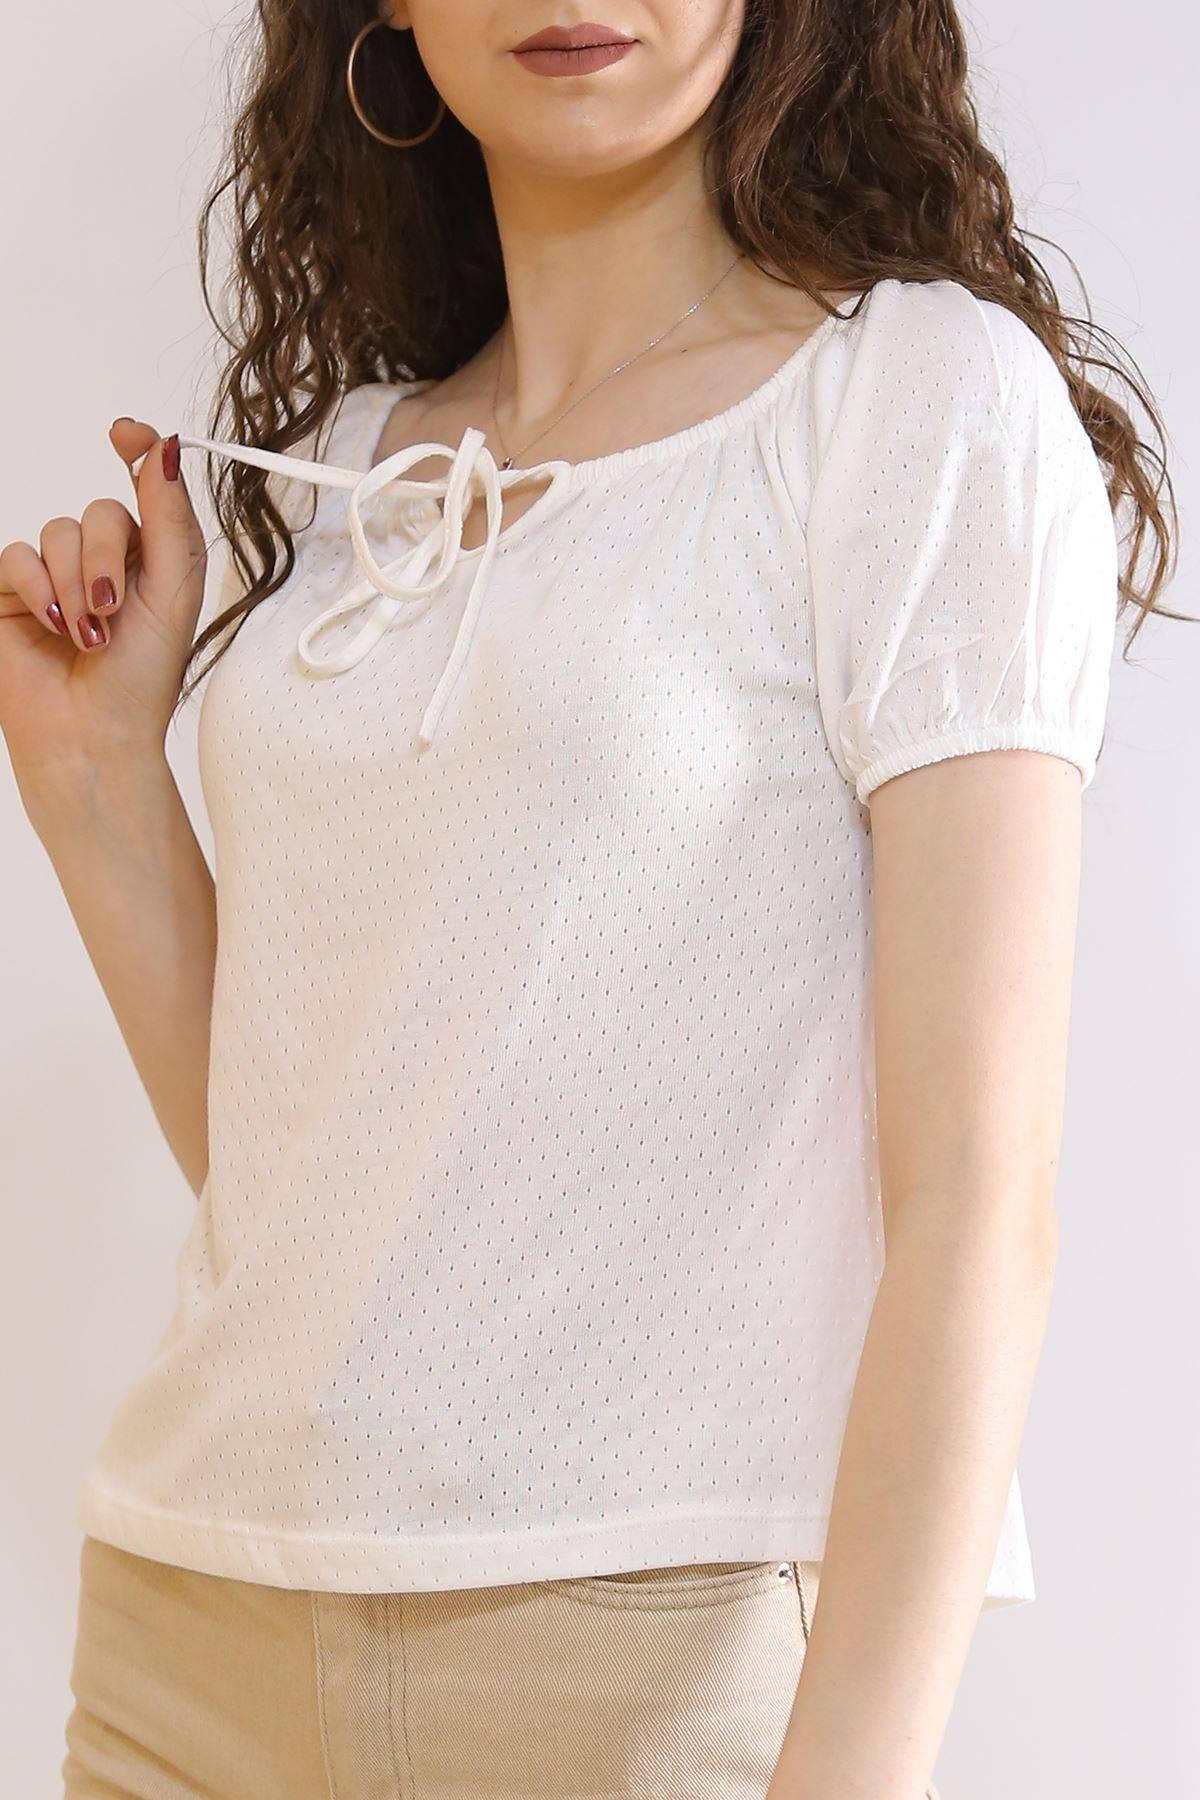 Kayık Yaka Bağlamalı Bluz Beyaz - 6196.107.